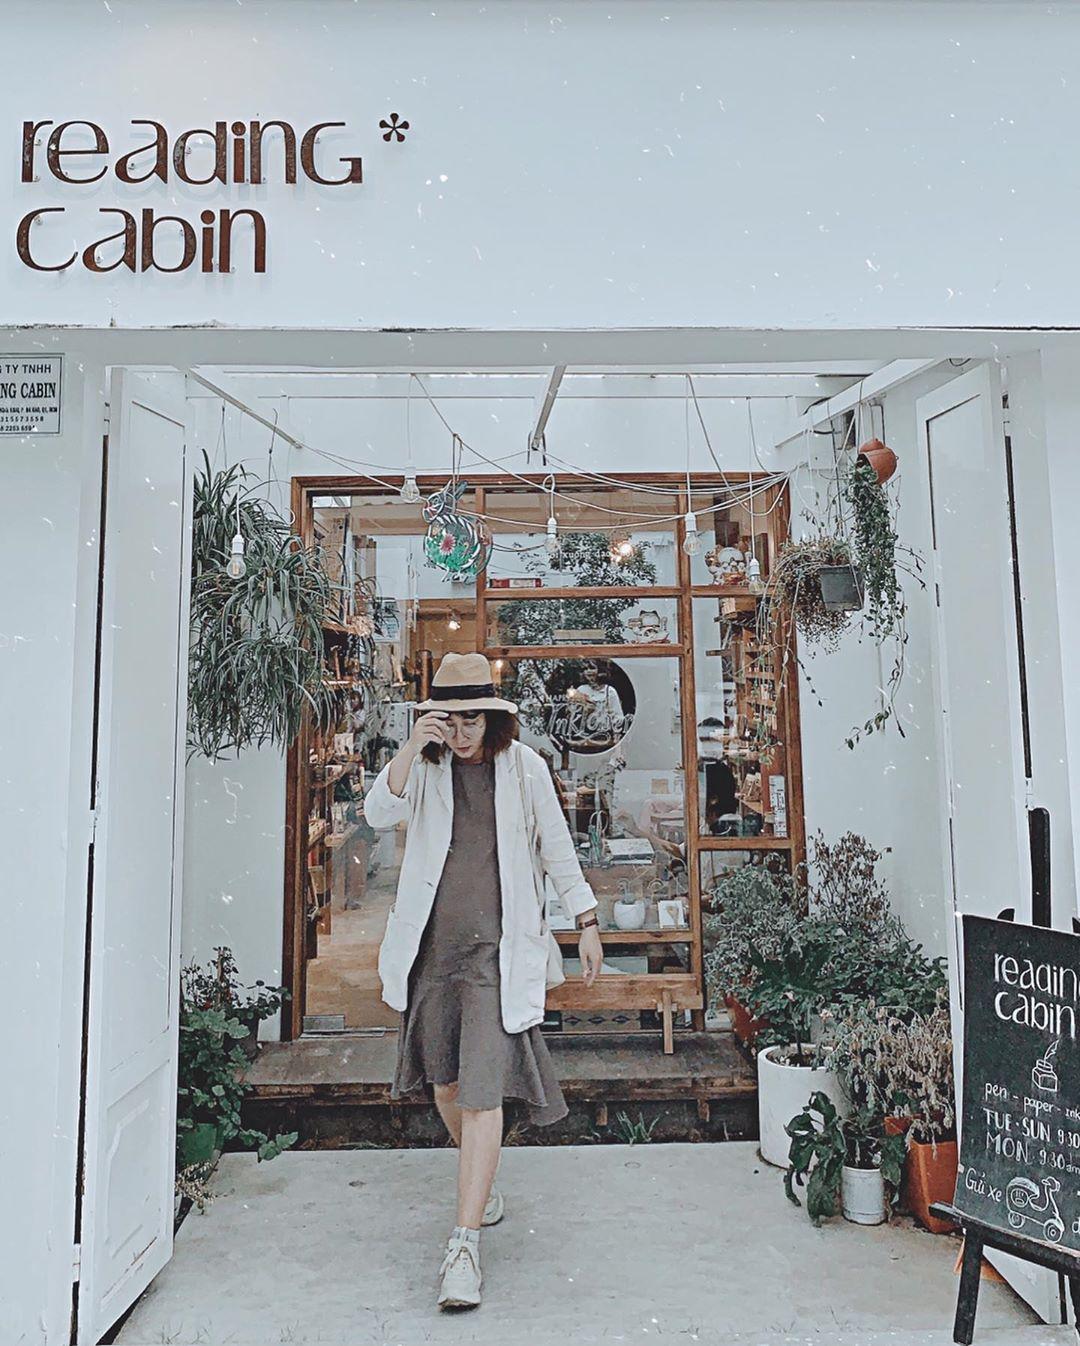 Saigon-reading-cabin-14